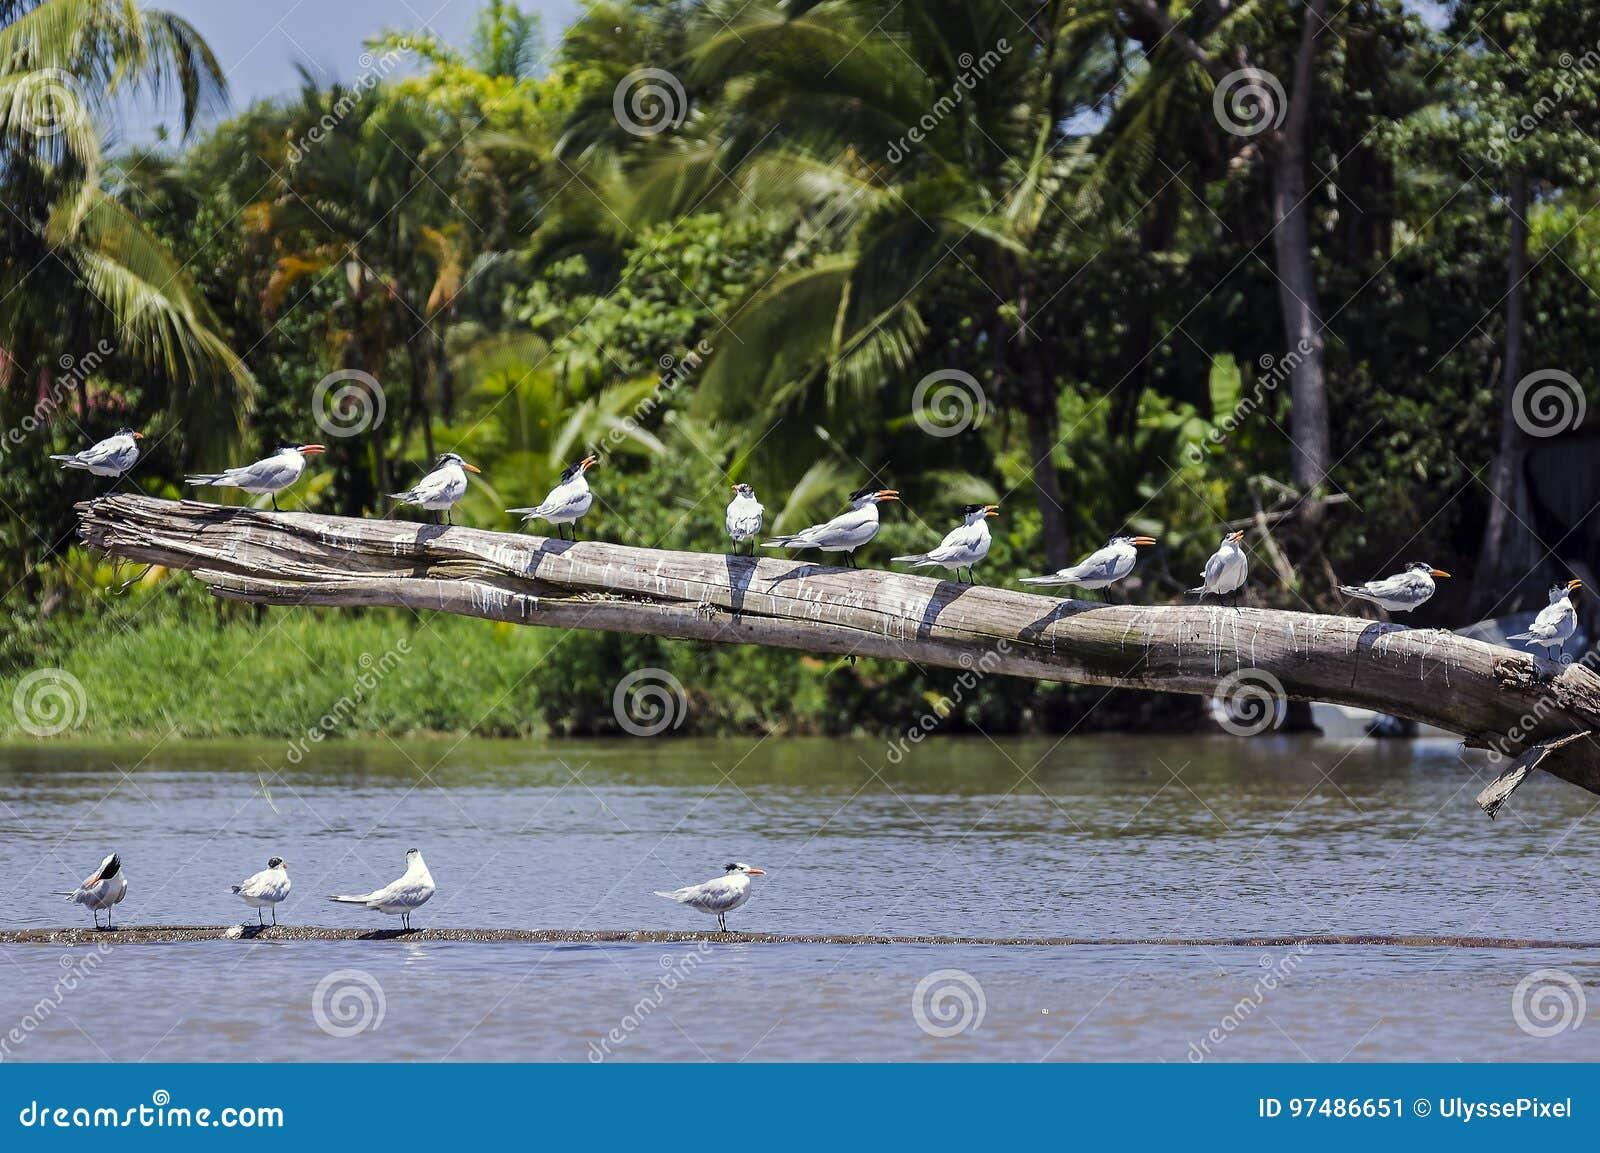 Sterne reali su un estuario del fiume di connessione - Costa Rica